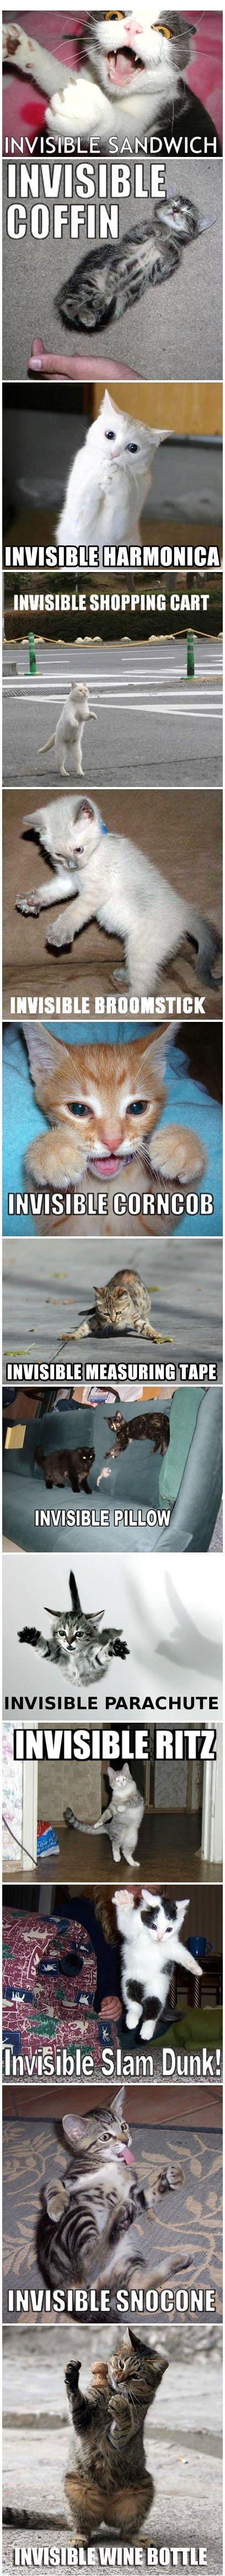 Invisible X.